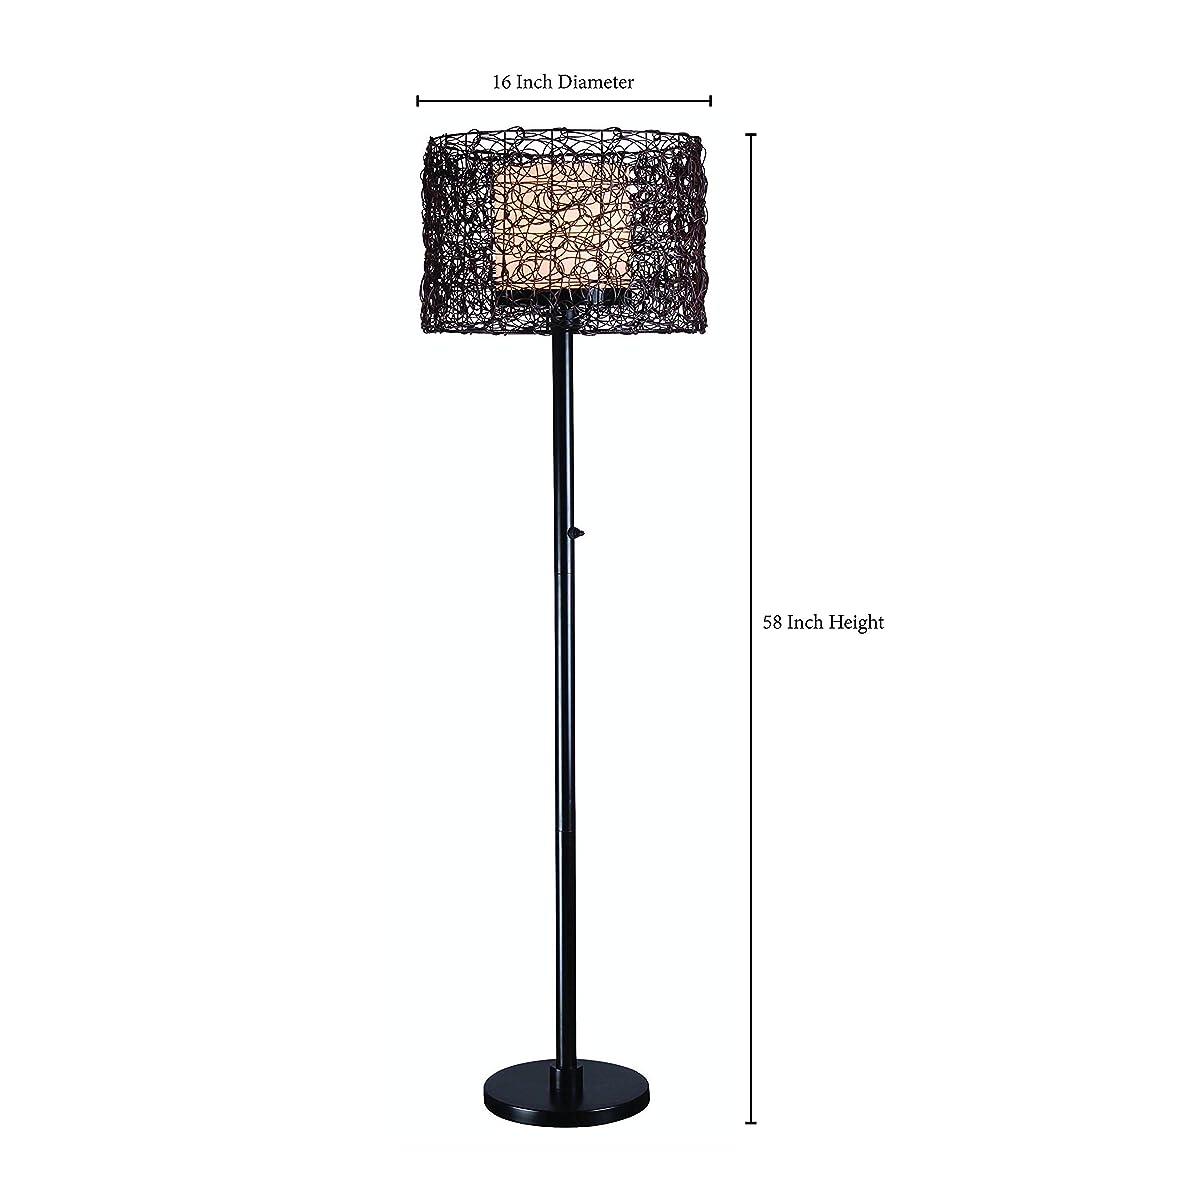 Kenroy Home 32220BRZ Tanglewood Outdoor Floor Lamp, Bronze Finish